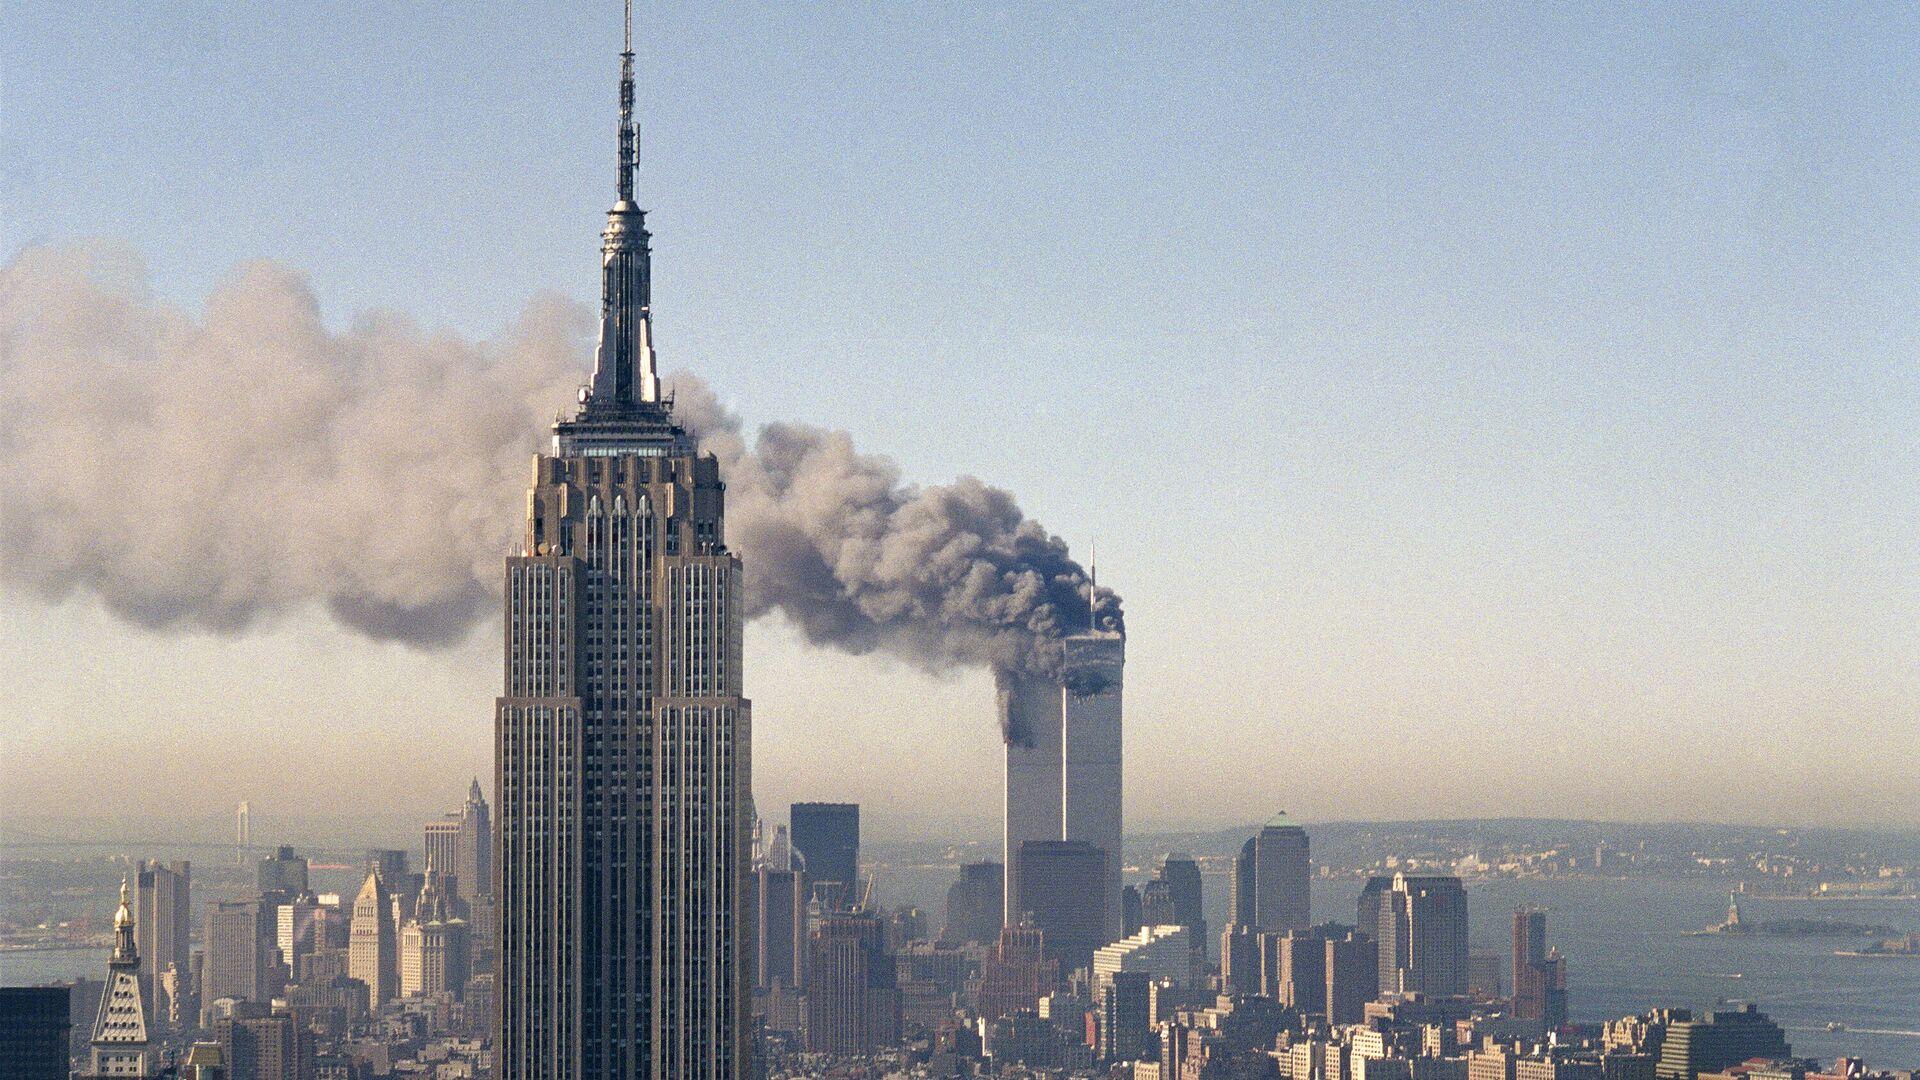 11η Σεπτεμβρίου, Δίδυμοι Πύργοι 11/9 - Sputnik Ελλάδα, 1920, 11.09.2021